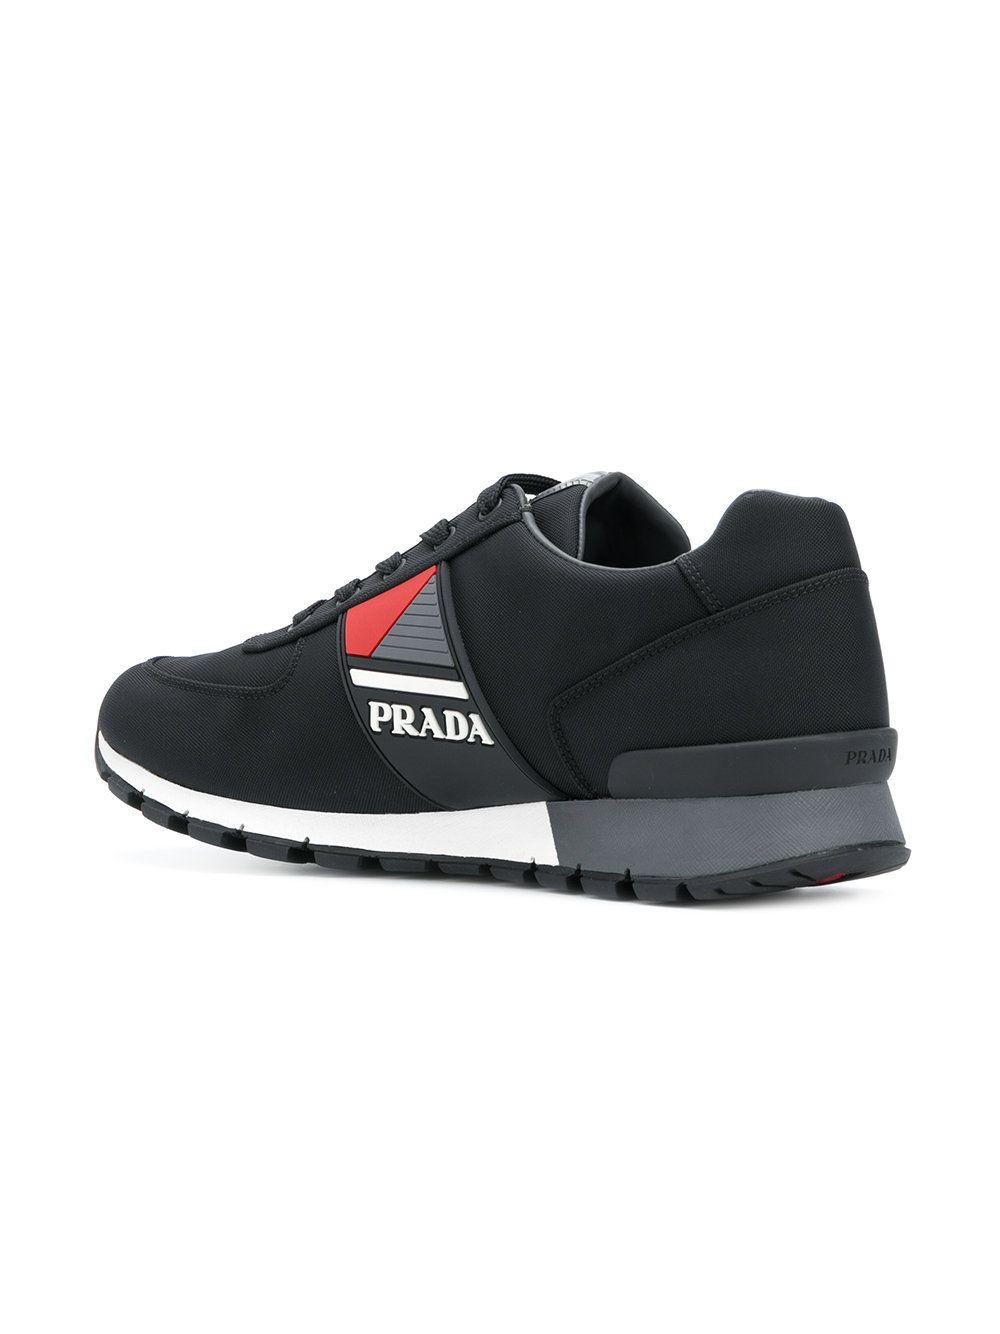 96dc03b8 Prada zapatillas bajas con logo | Shoes | Zapatillas bajitas ...